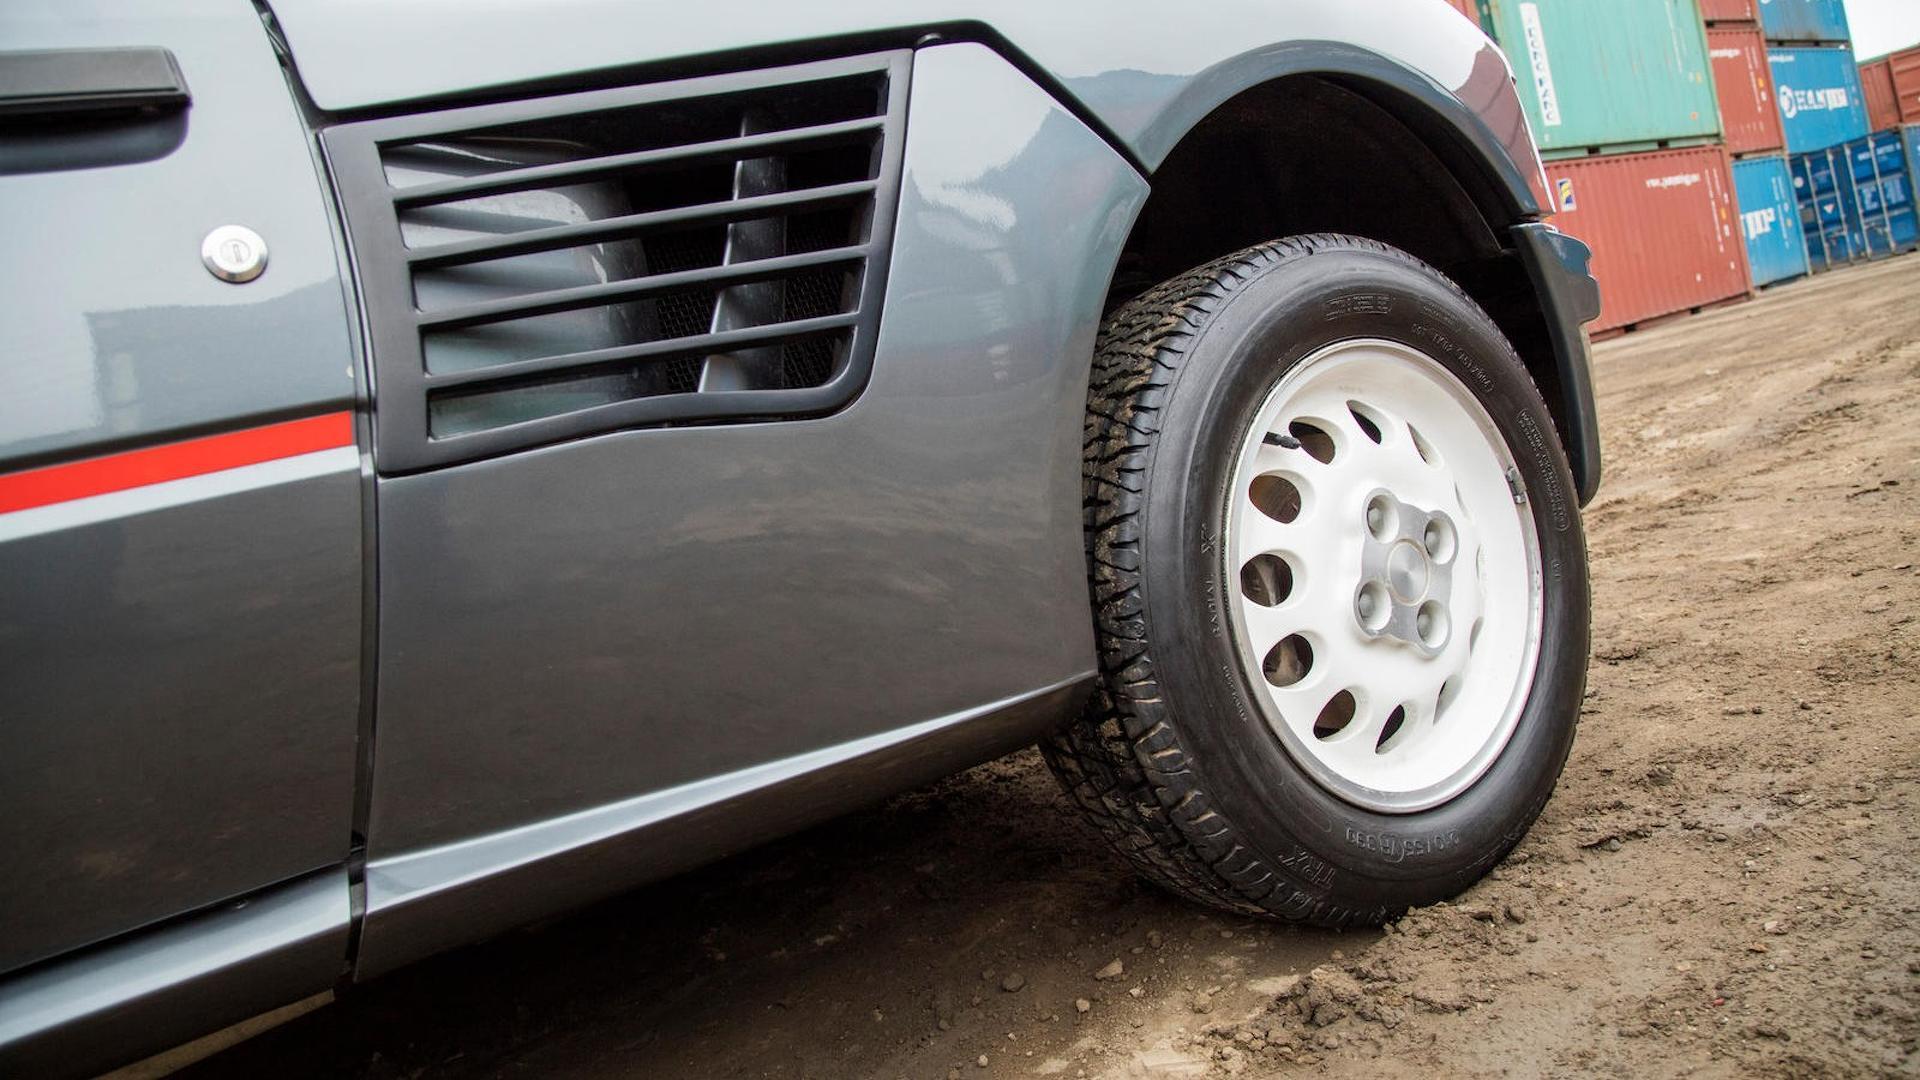 1985_Peugeot_205_Turbo_16_23